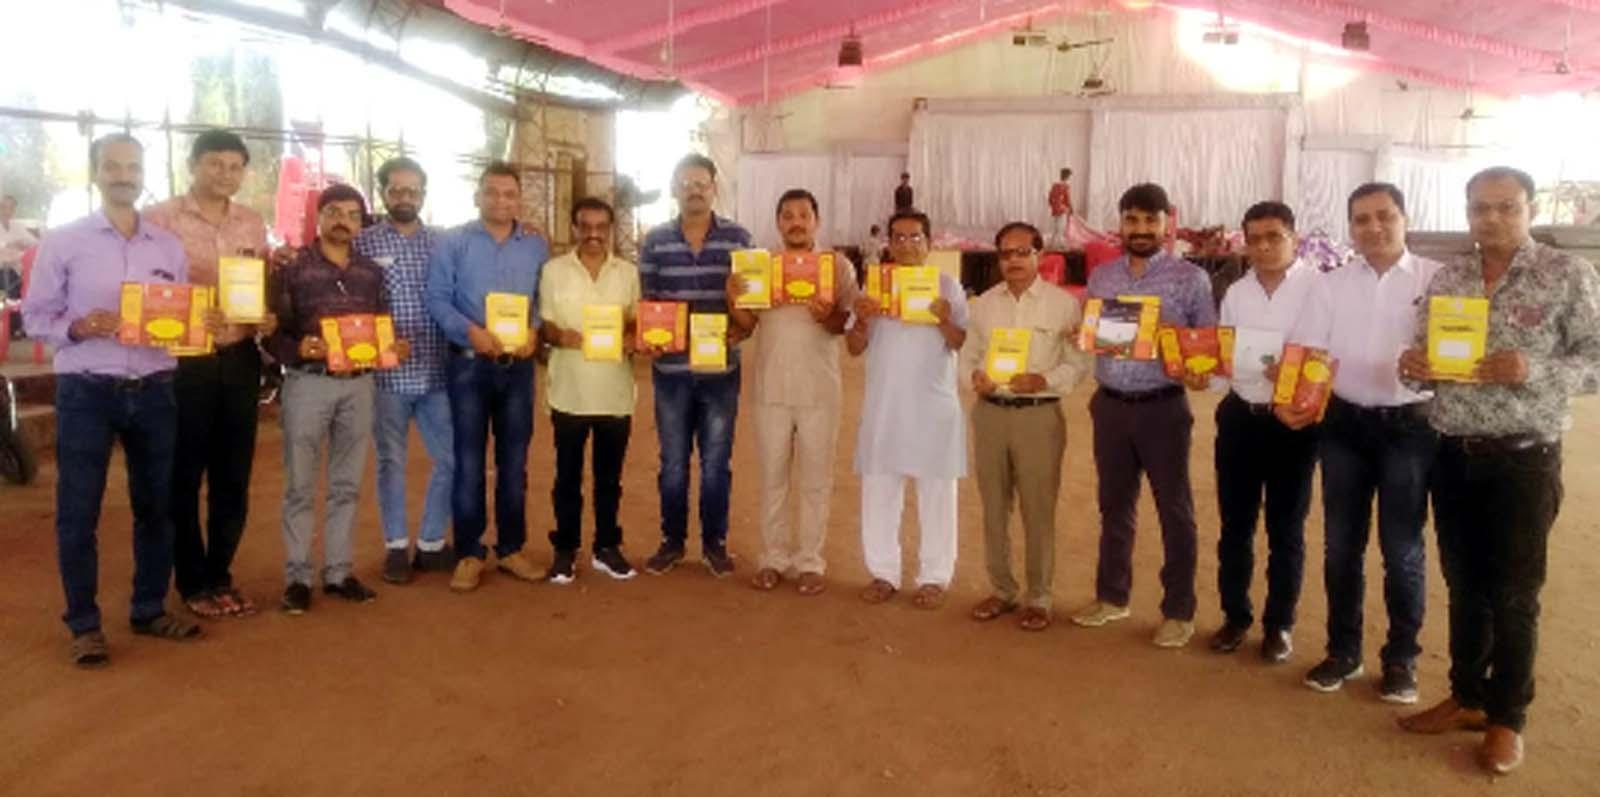 Jhabua News-सकल व्यापारी संघ ने 'एक देश एक चुनाव' की थीम पर किया आमंत्रण पत्रिकाओं का विमोचन